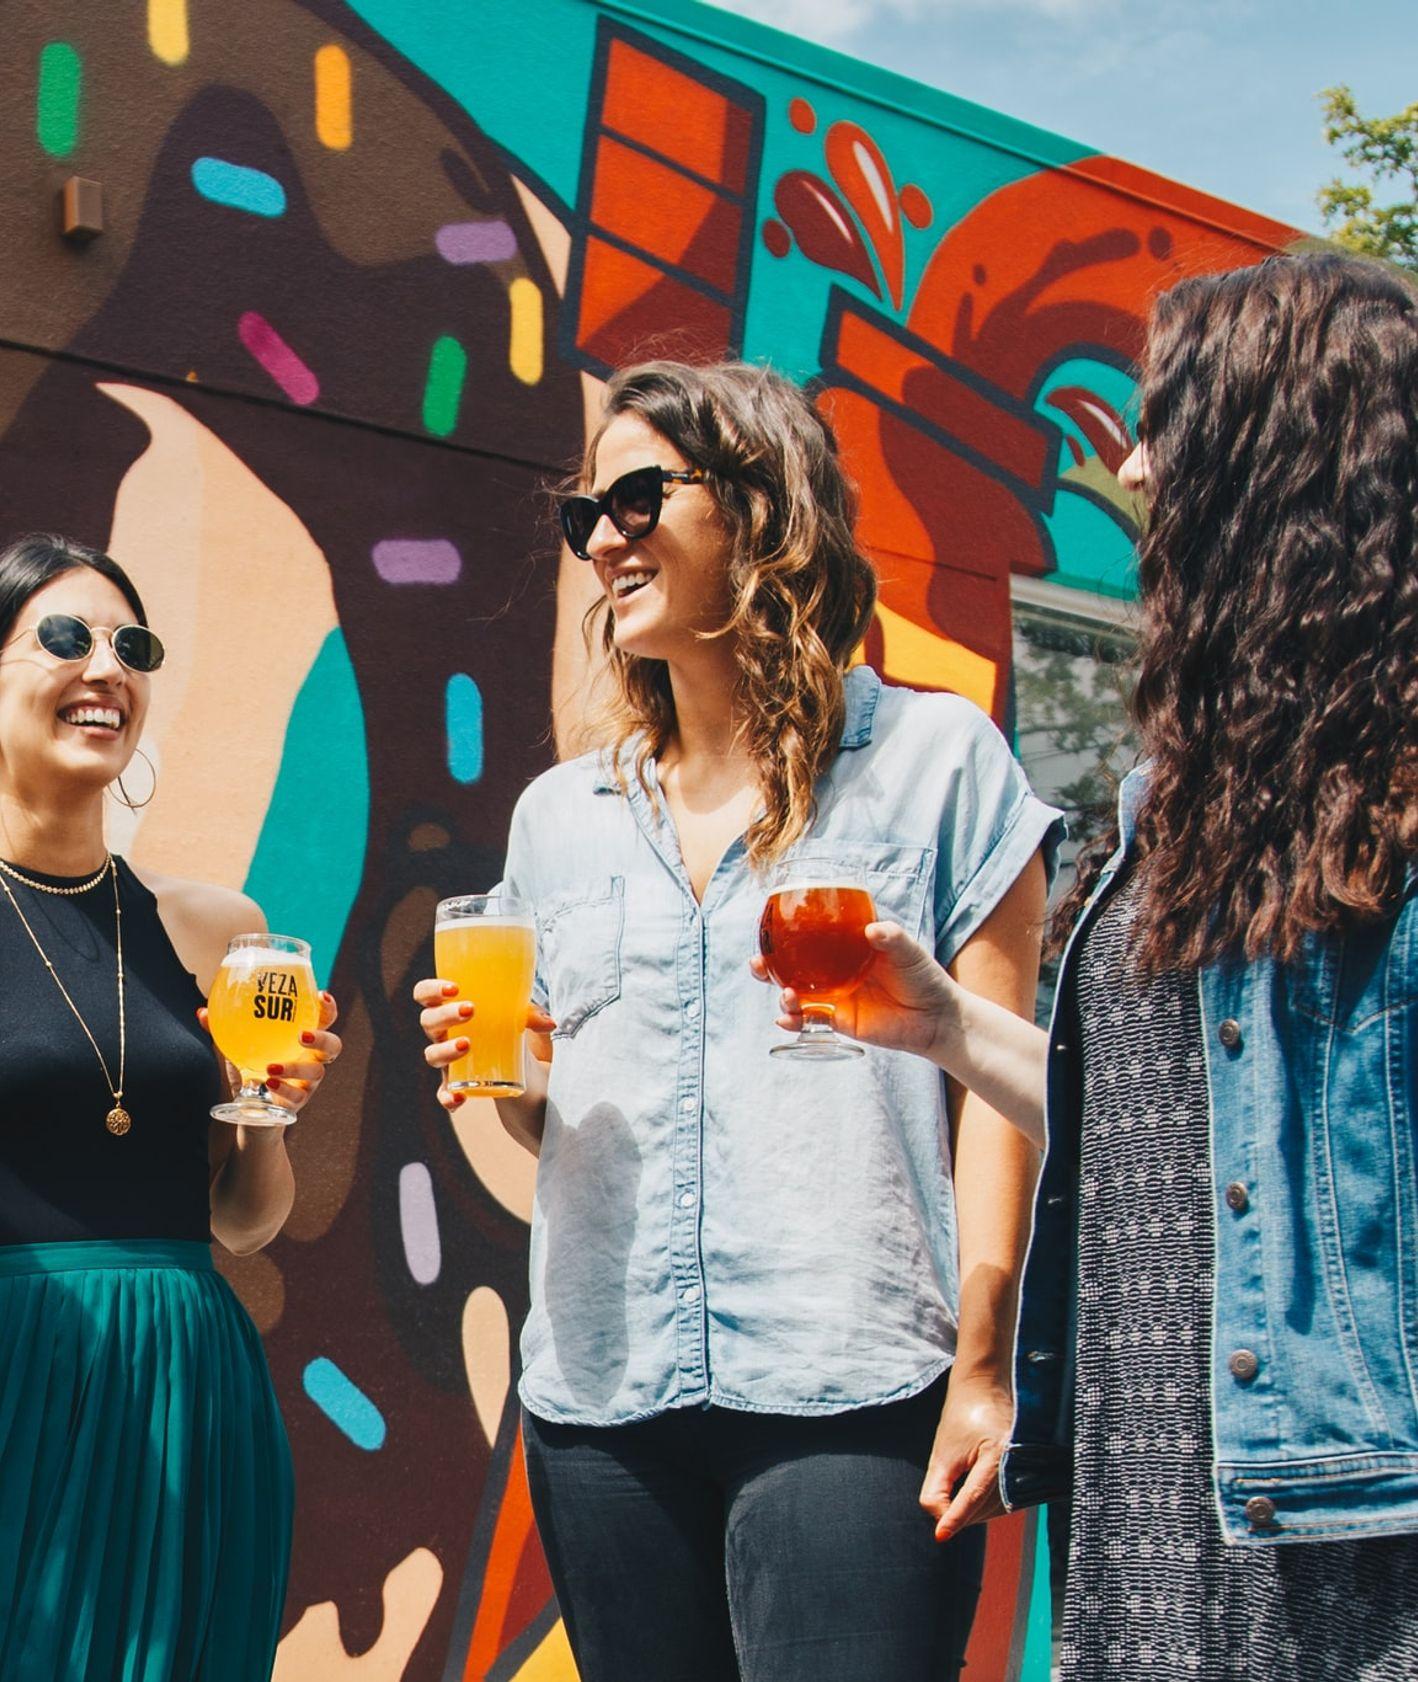 Przyjaciółki z piwem, spotkania towarzyskie przy alkoholu (fot. Elevate / unsplash.com)